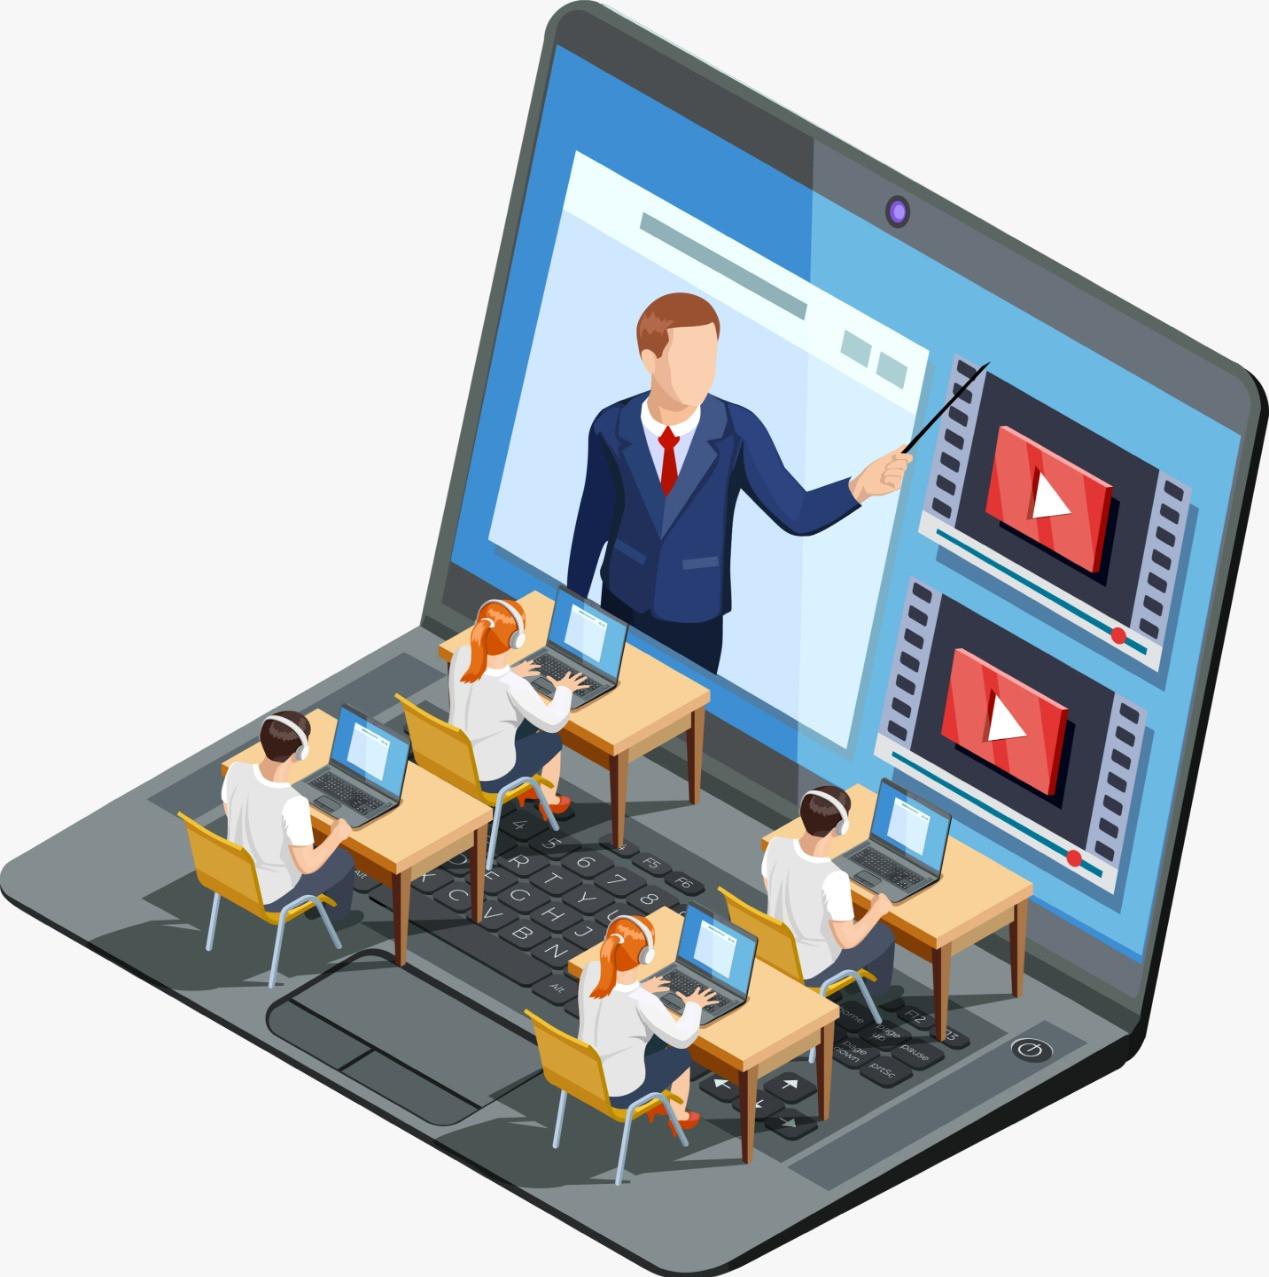 Порядок проведения государственной итоговой аттестации обучающихся с применением электронного обучения и дистанционных образовательных технологий